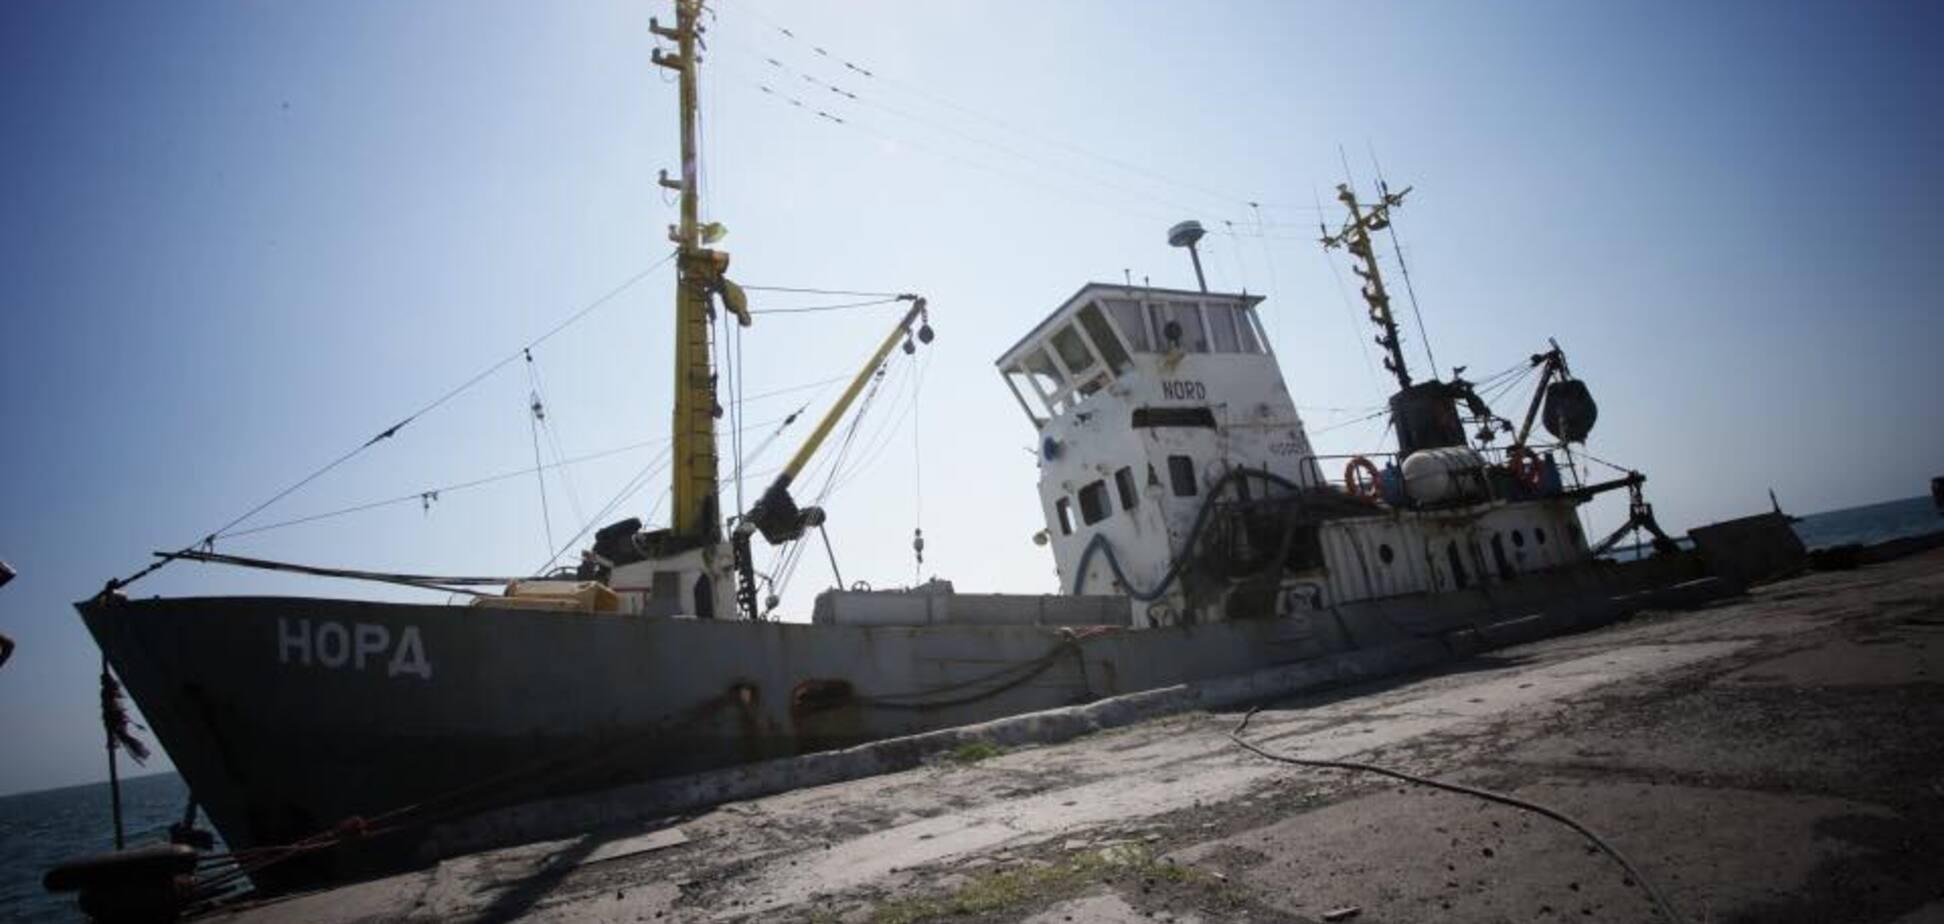 Моряки сейнера 'Норд' втекли до Криму через Росію